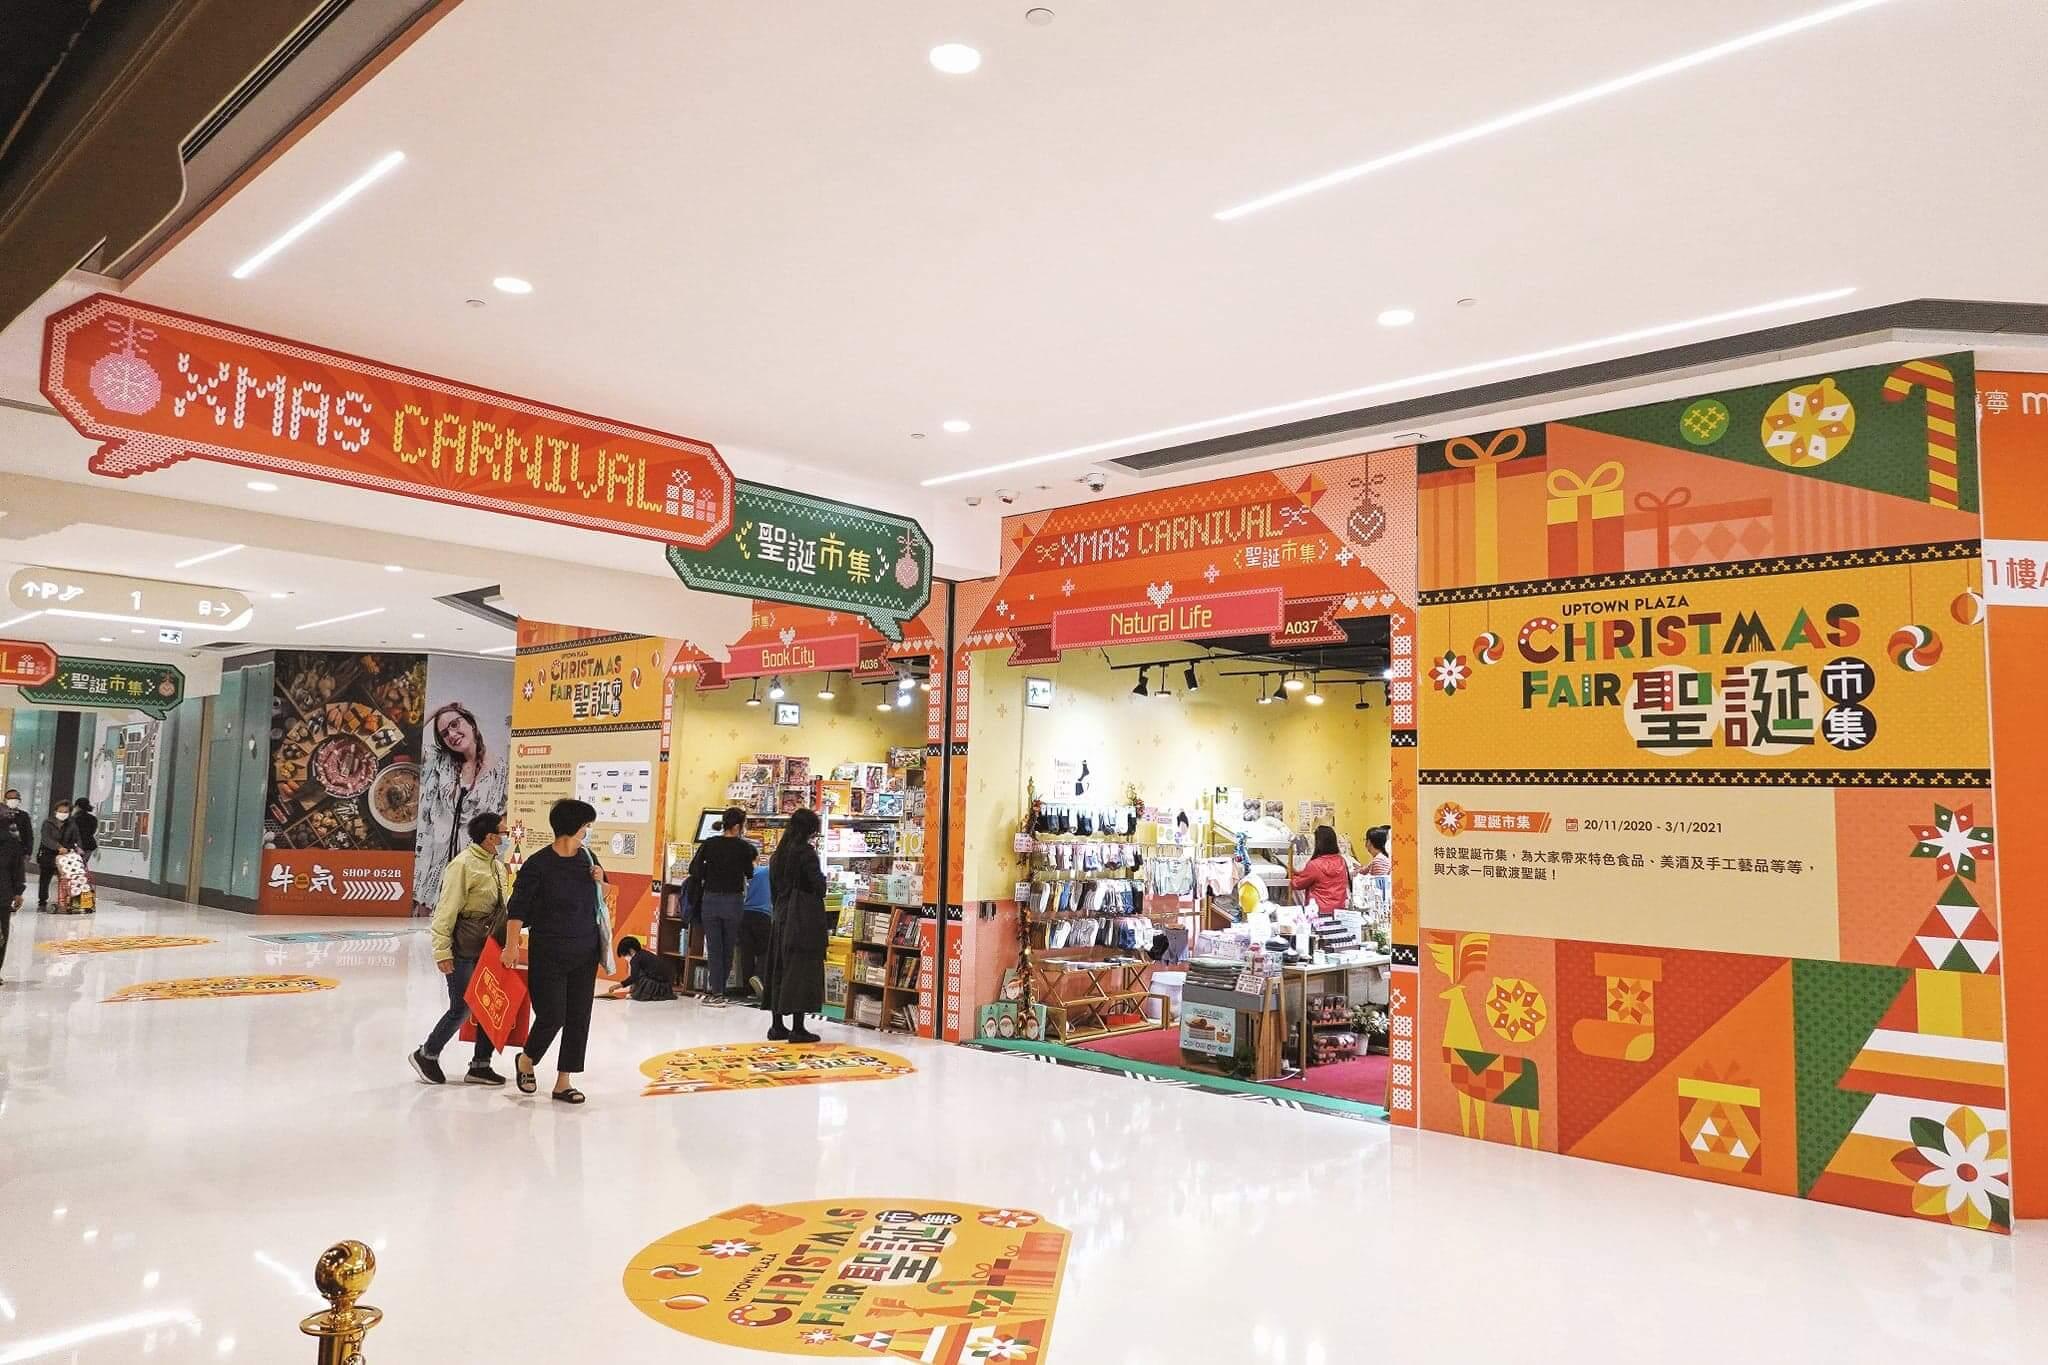 市集共有八檔期間限定店,可在此找到來自世界各地的食品、美酒及生活用品,貨物琳瑯滿目。